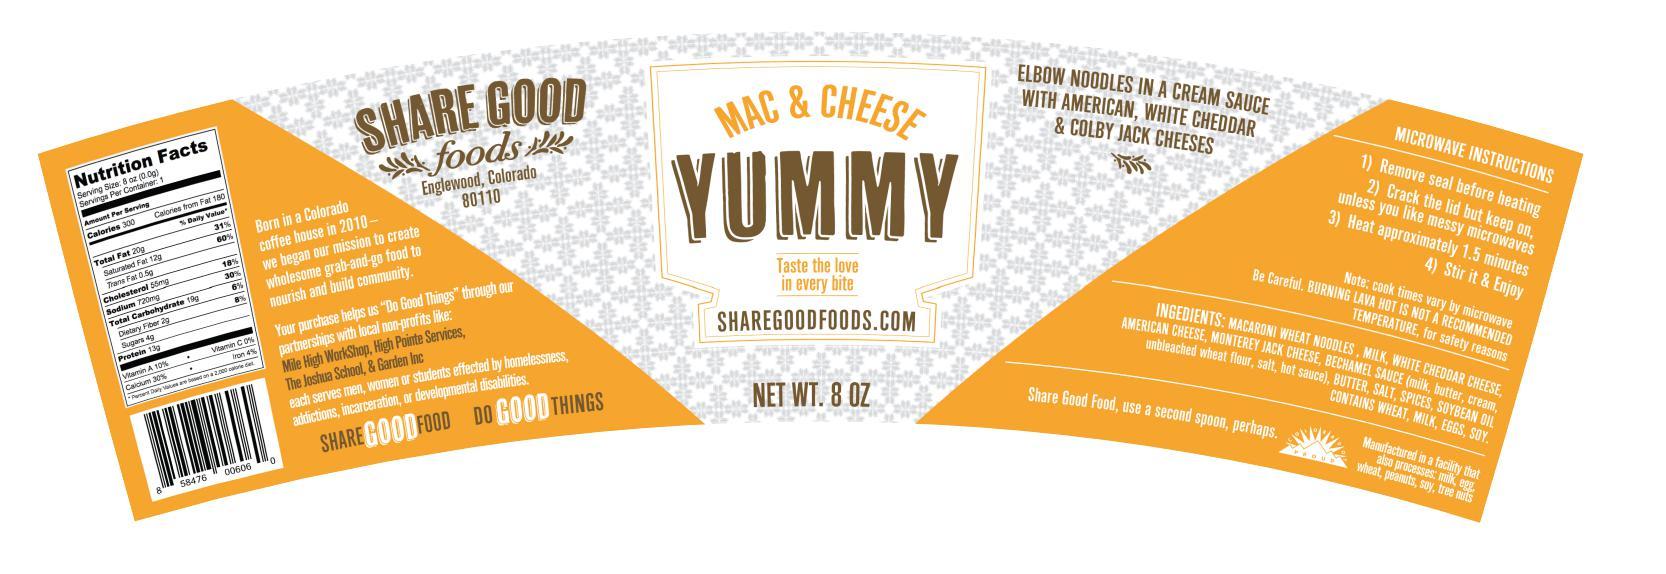 SGF_Mac&Cheese_Curved_000001.jpg